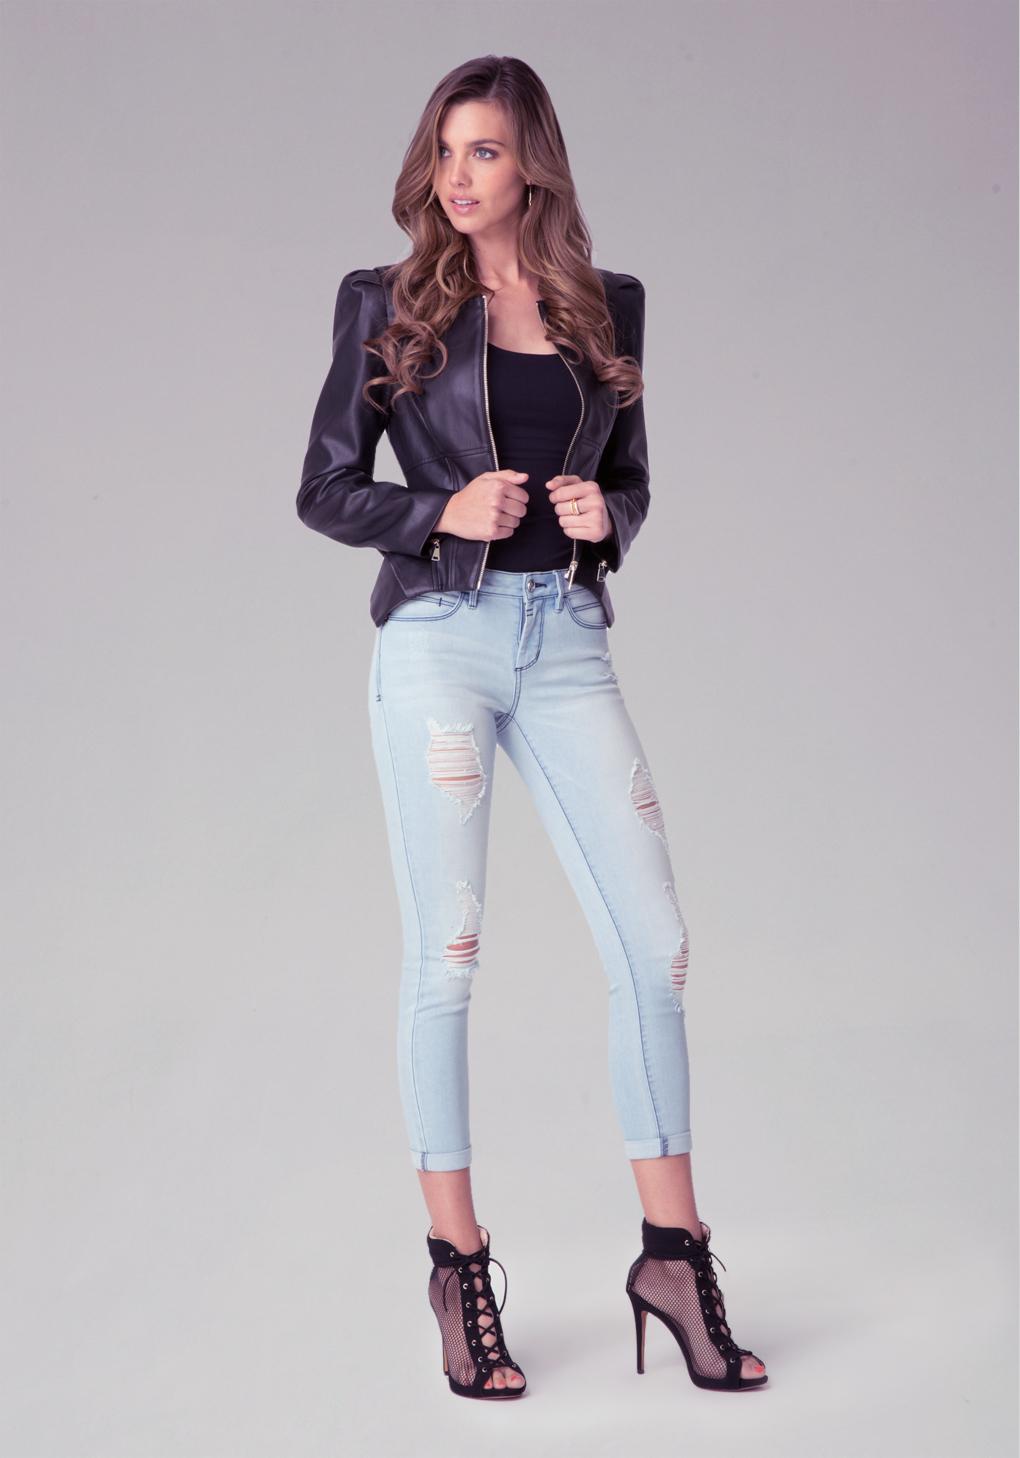 Bebe Heartbreaker Crop Jeans in Blue